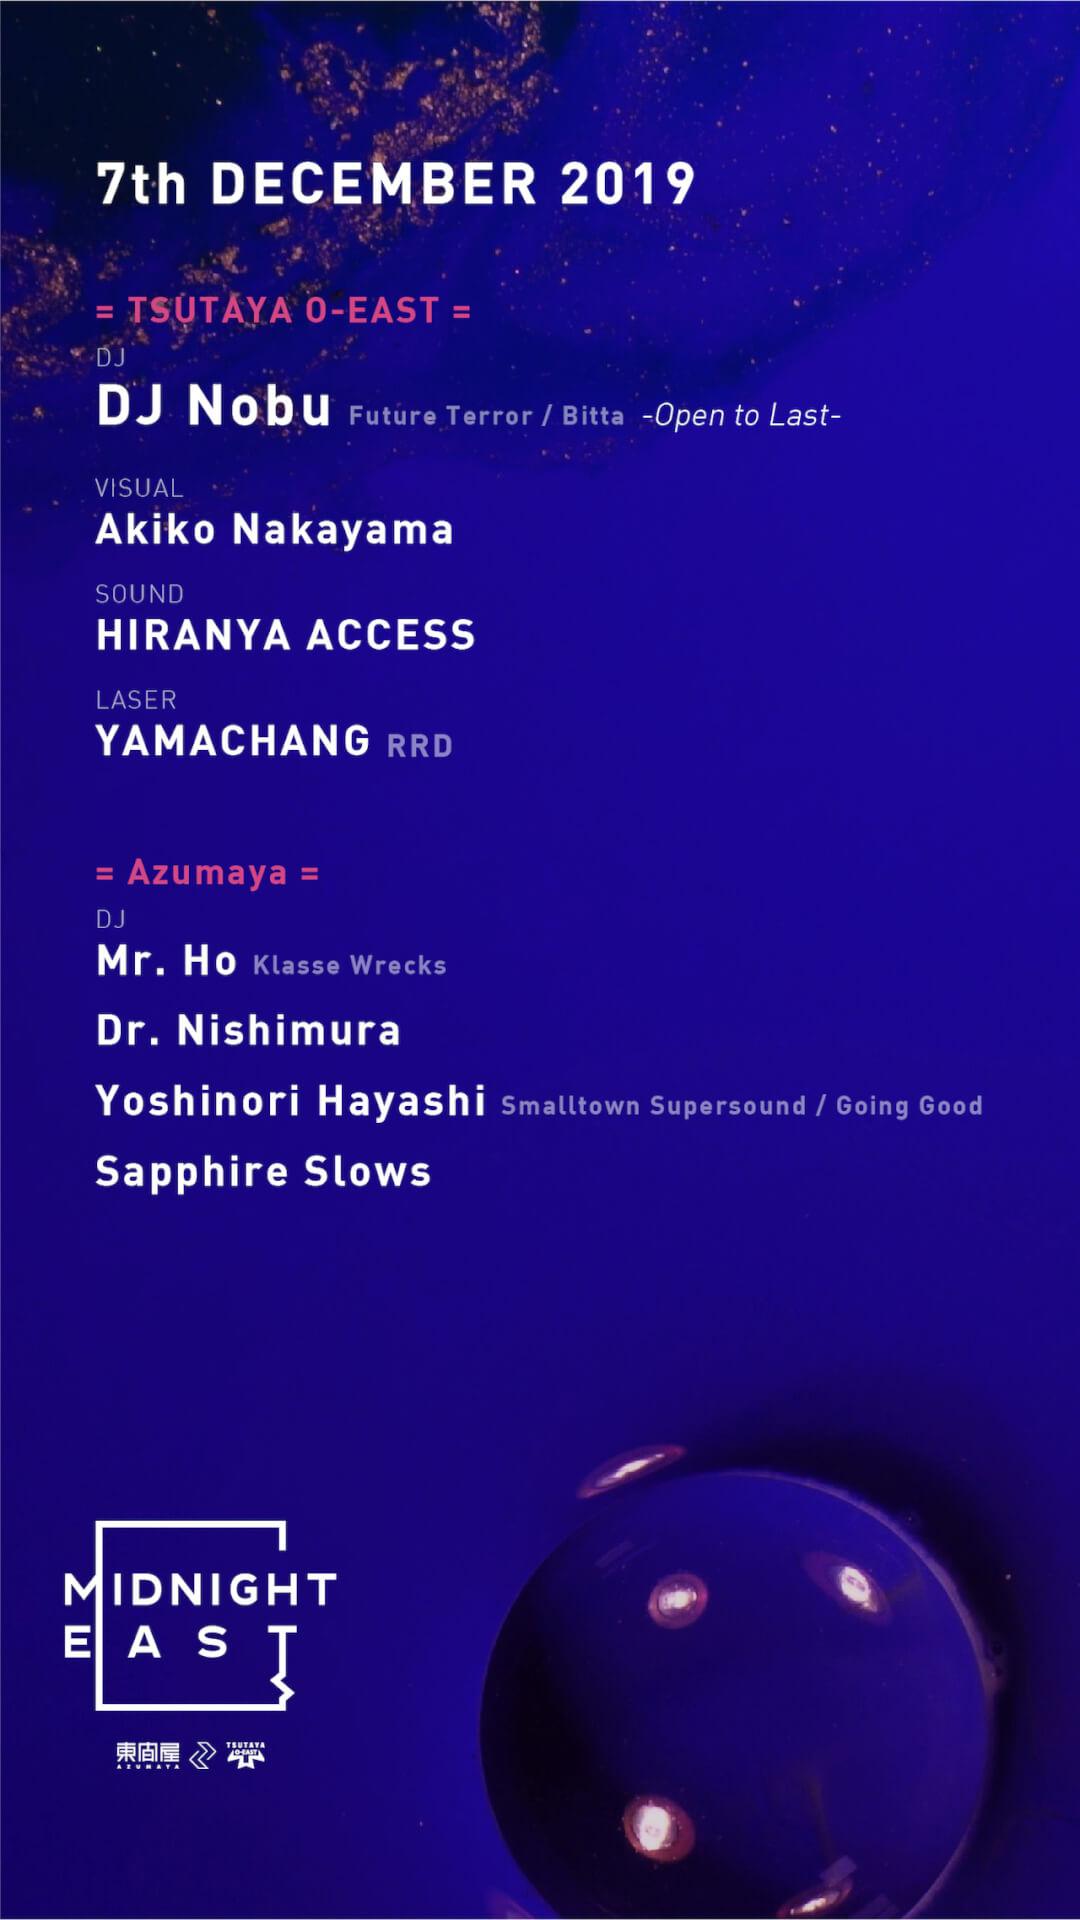 東間屋×TSUTAYA O-EASTによるナイトベニュー「MIDNIGHT EAST」第二弾でDJ NOBUがOPEN TO LASTを披露、Akiko Nakayamaがフロアを彩る music191204-midnighteast